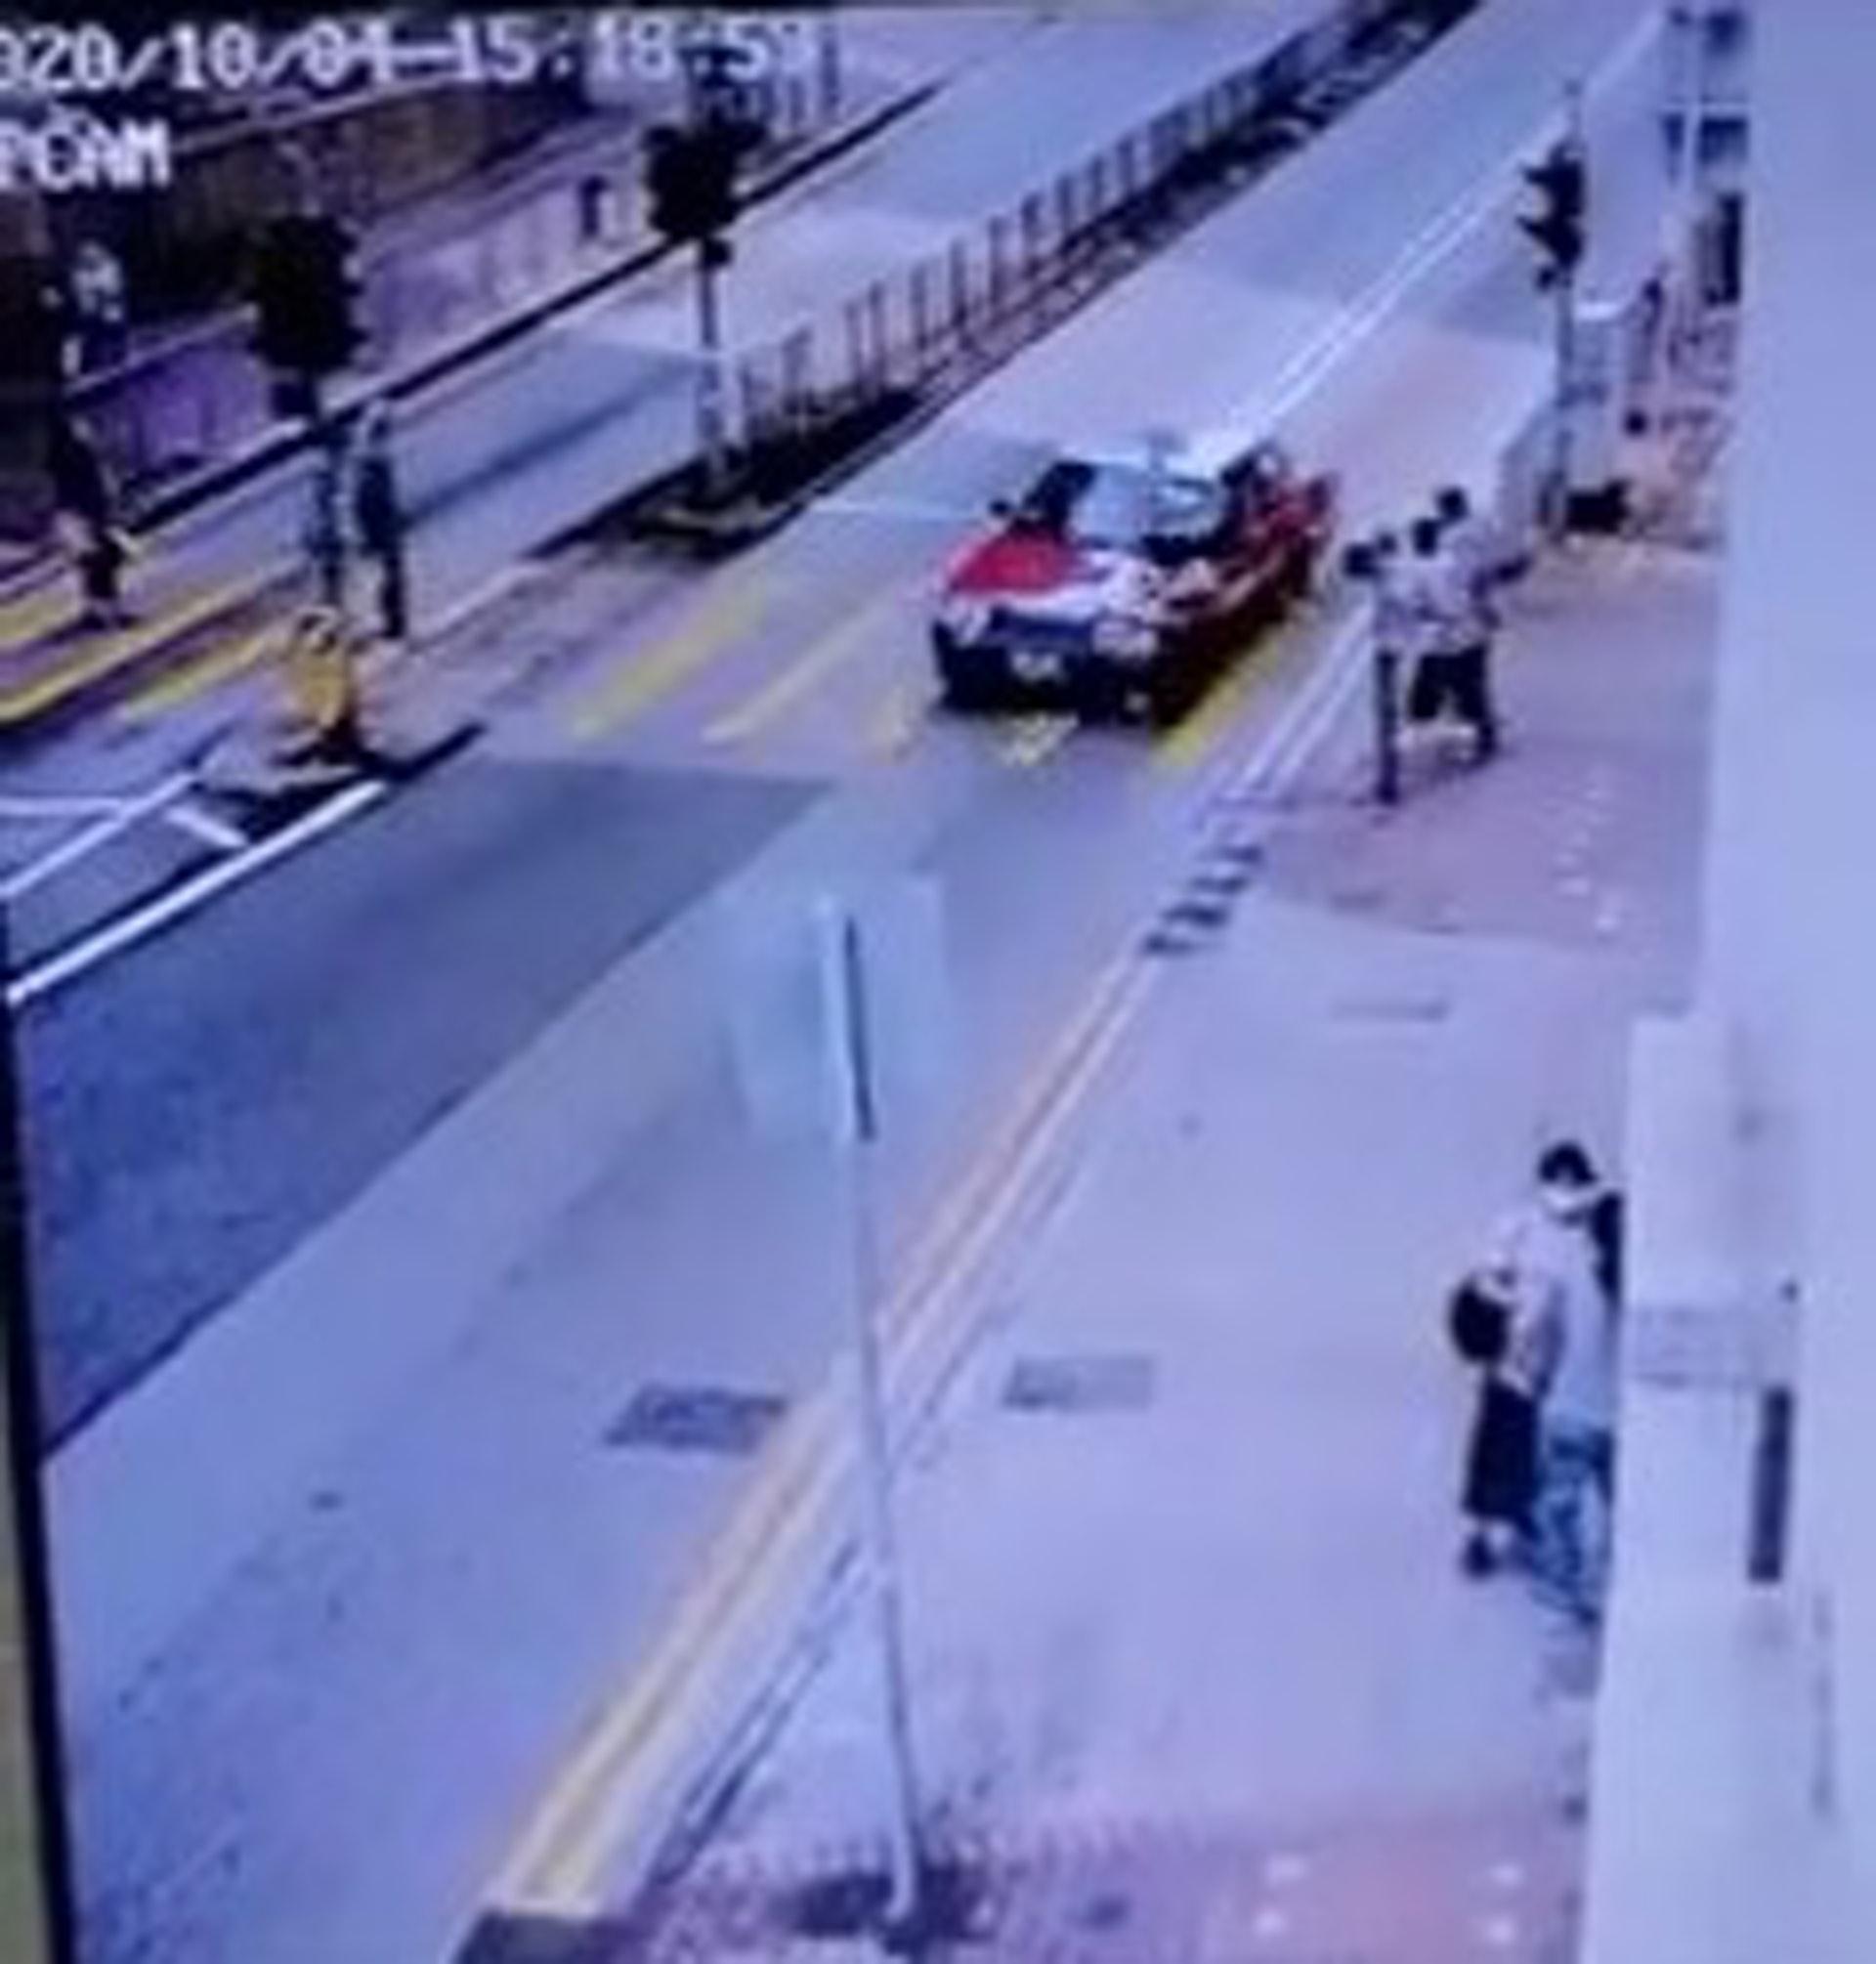 女事主步出過路時,涉案的士疑越雙白線駛至,左邊車頭將事主撞到。(網上影片截圖)